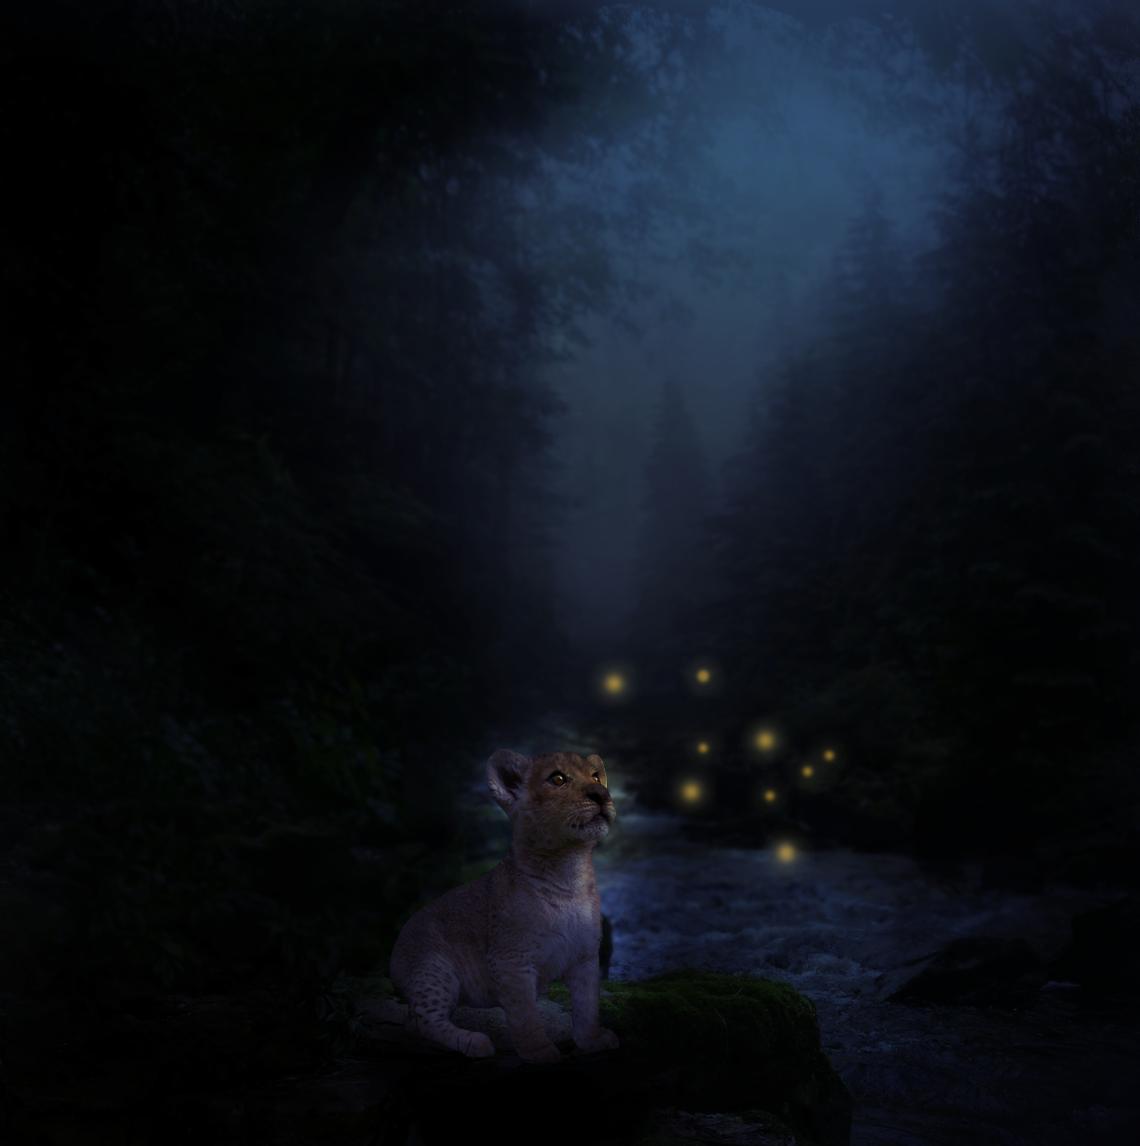 Fireflies by Sheepzi